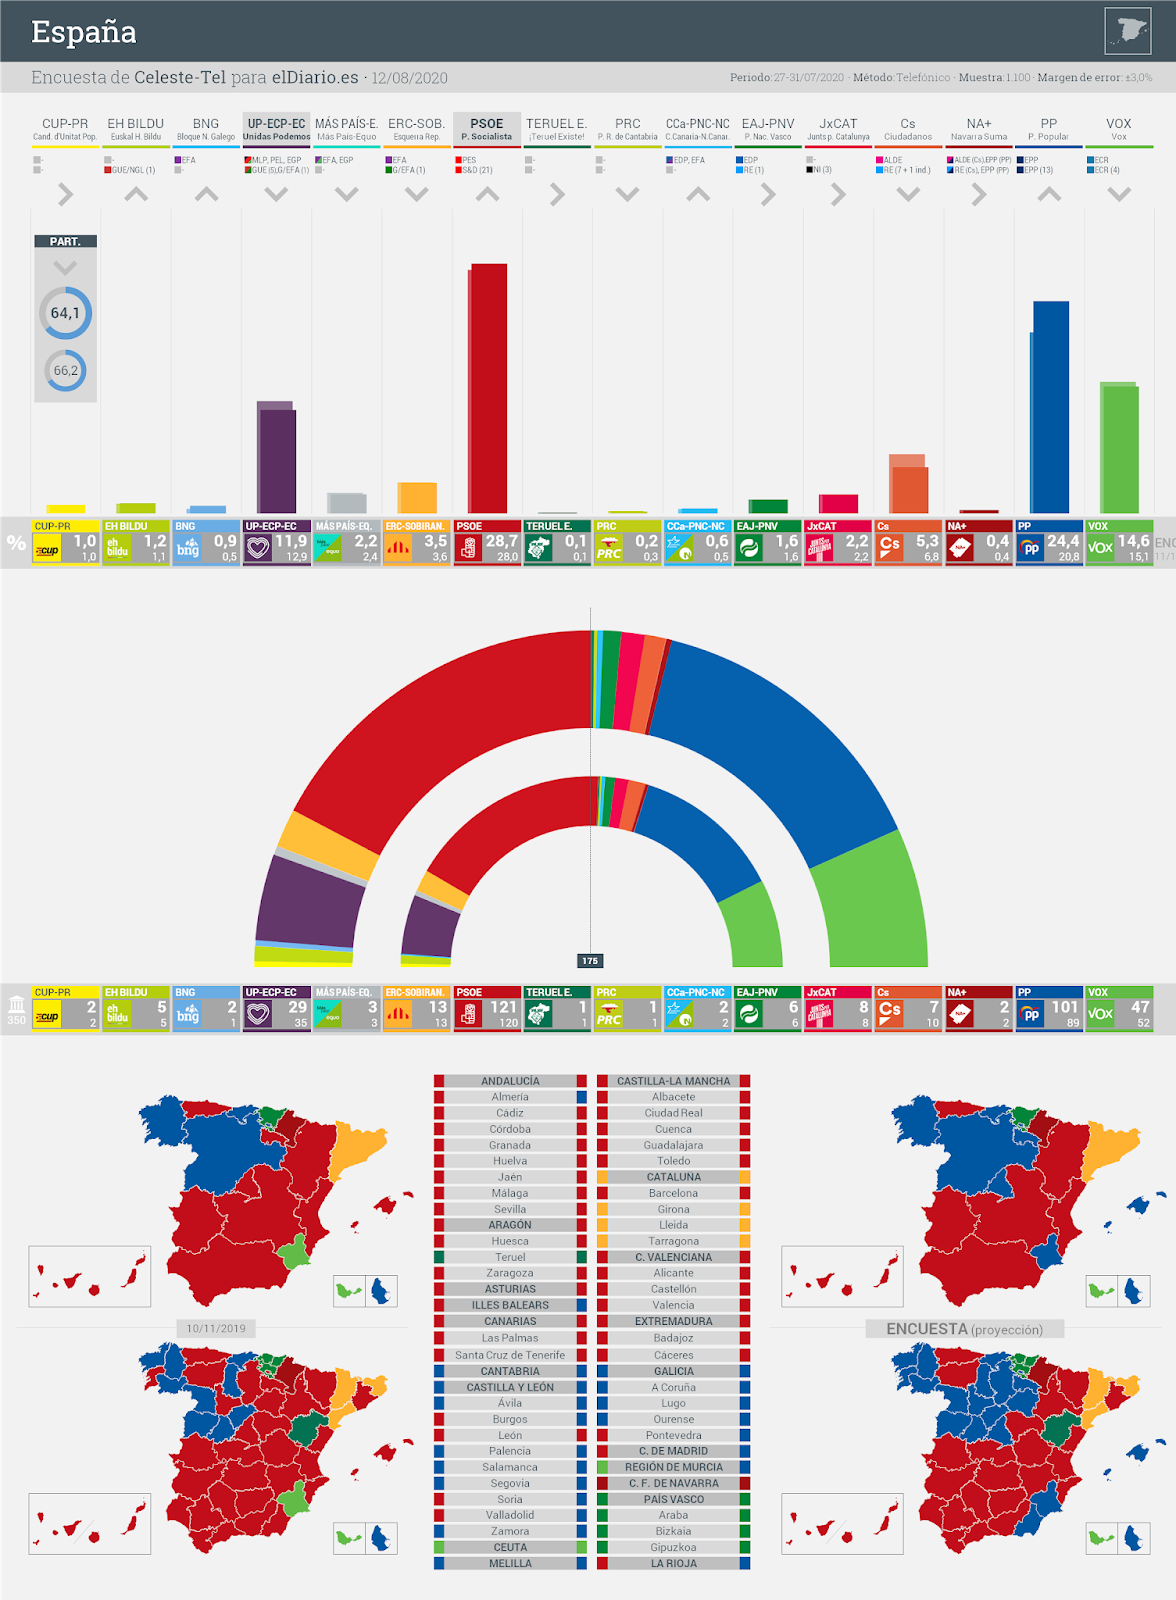 Gráfico de la encuesta para elecciones generales en España realizada por Celeste-Tel para eldiario.es, 12 de agosto de 2020